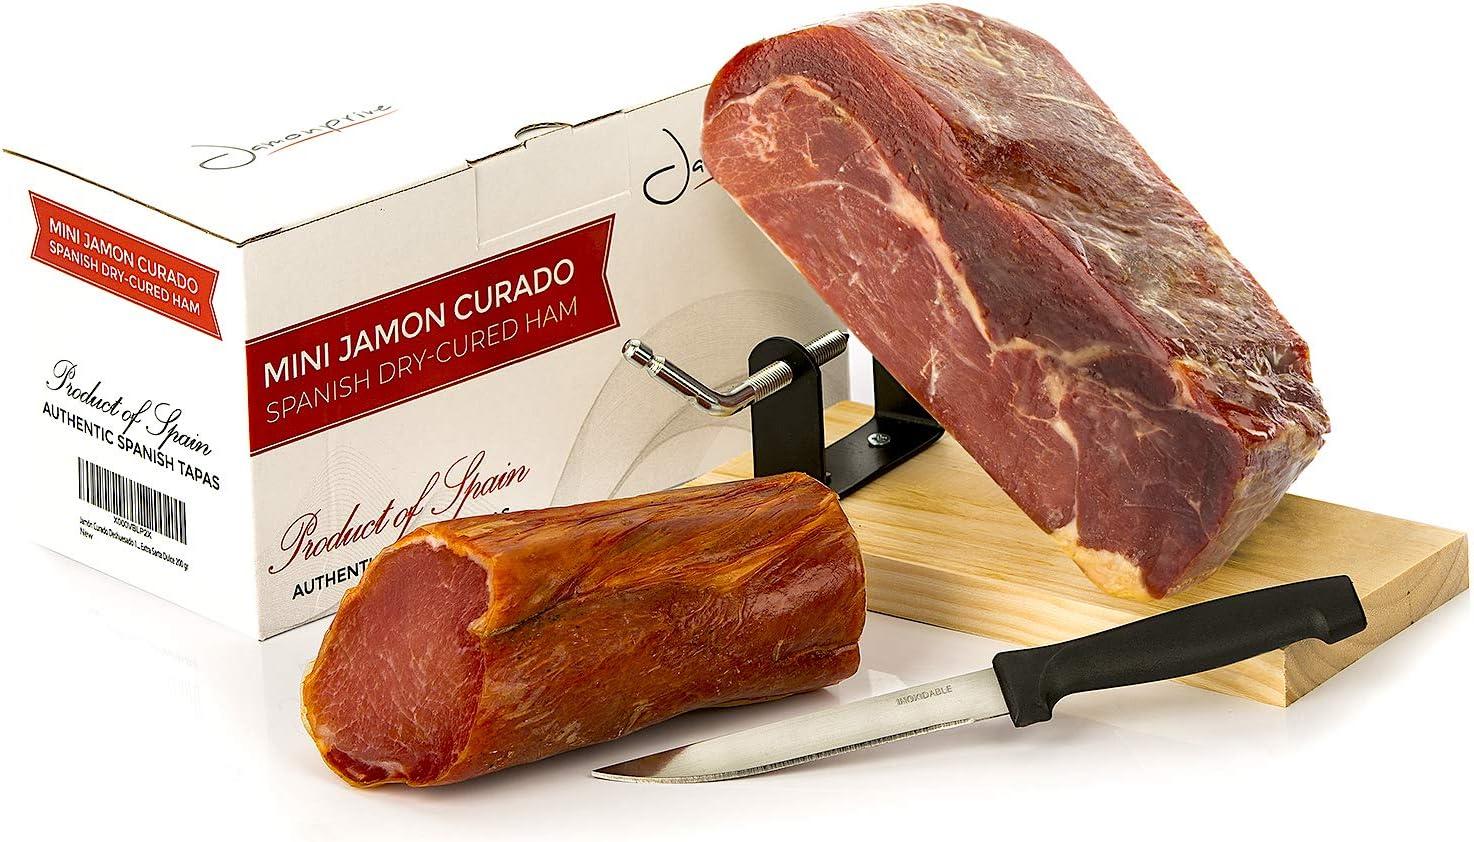 Jamón Serrano Curado Deshuesado Version approx. 1 Kg con Jamonero y Cuchillo + Lomo Duroc Natural 250 gr - Jamonprive